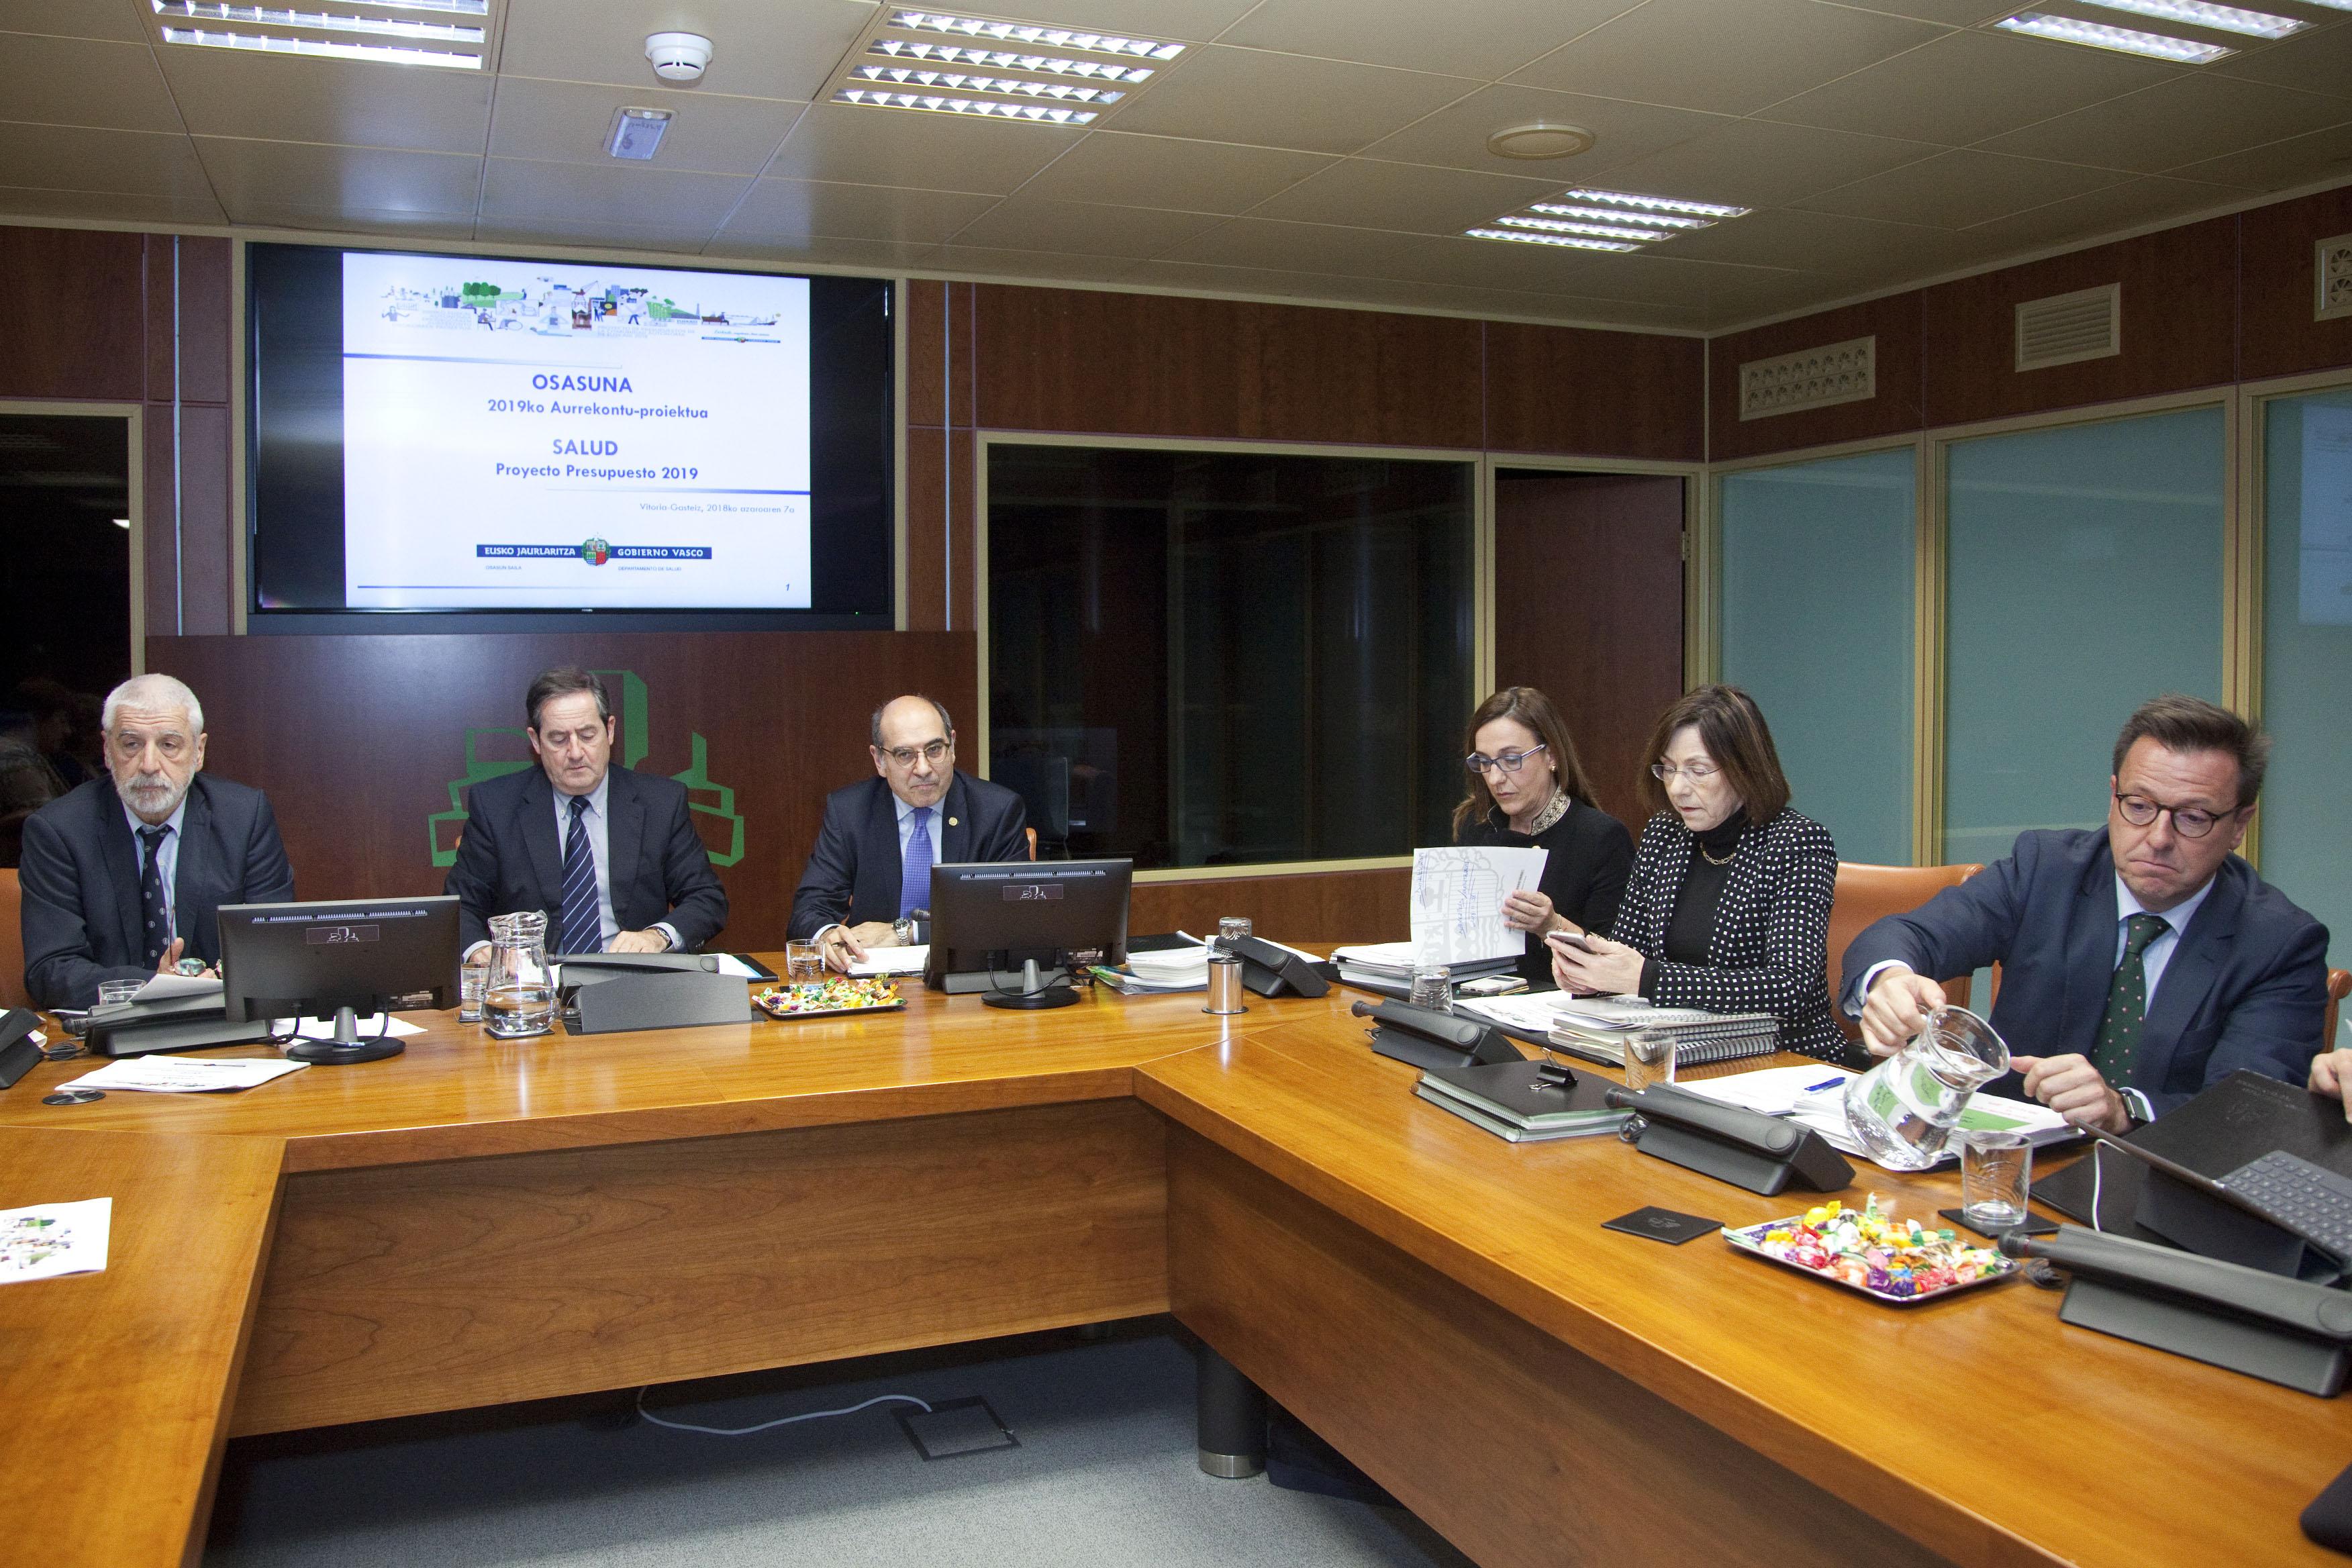 El Presupuesto del Departamento de Salud del Gobierno Vasco vuelve a aumentar en 2019 un 3,3% hasta alcanzar los 3.800 millones de euros